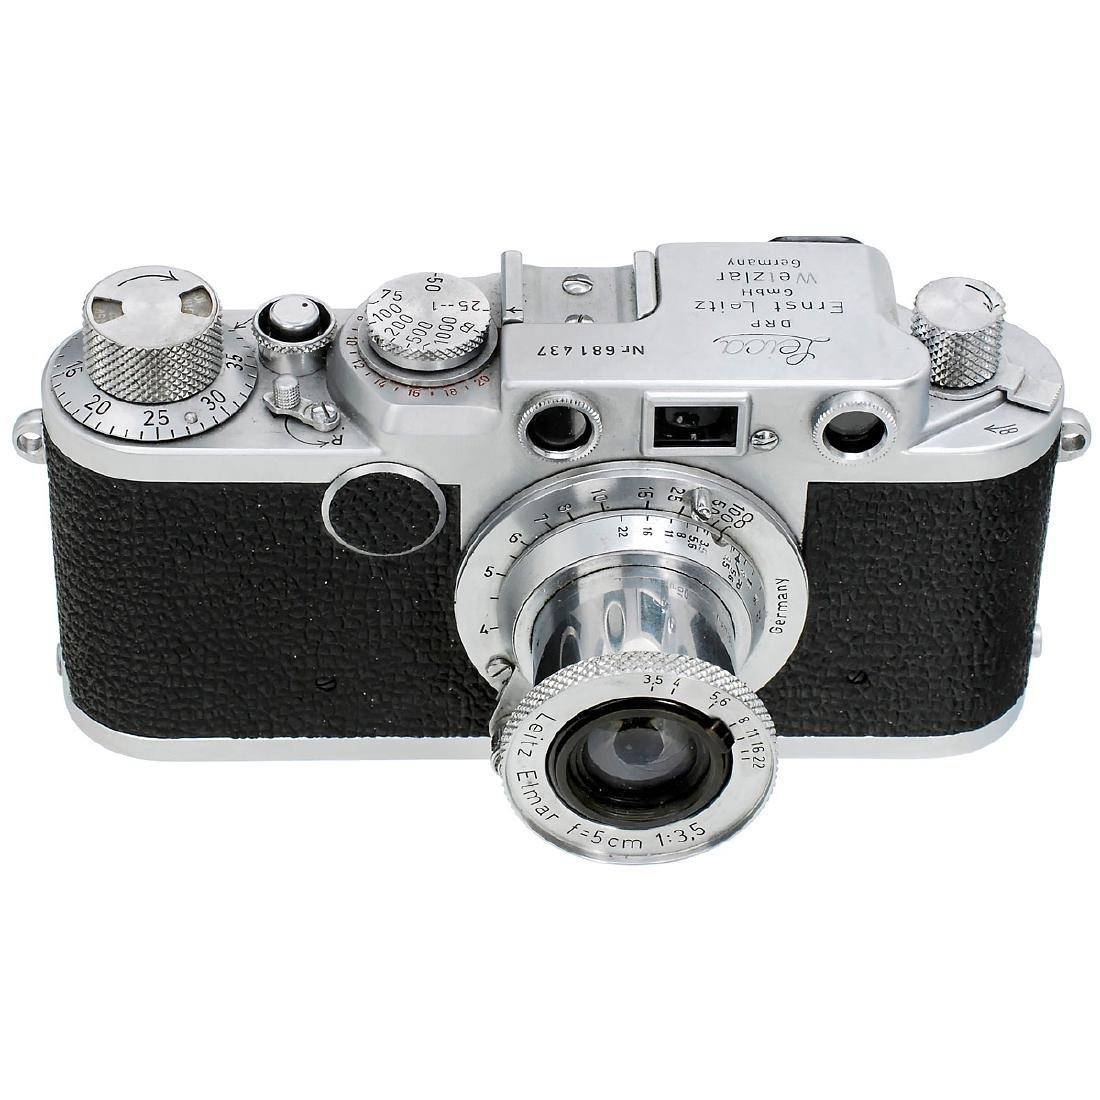 Leica IIf with Elmar 3,5/5 cm, 1954